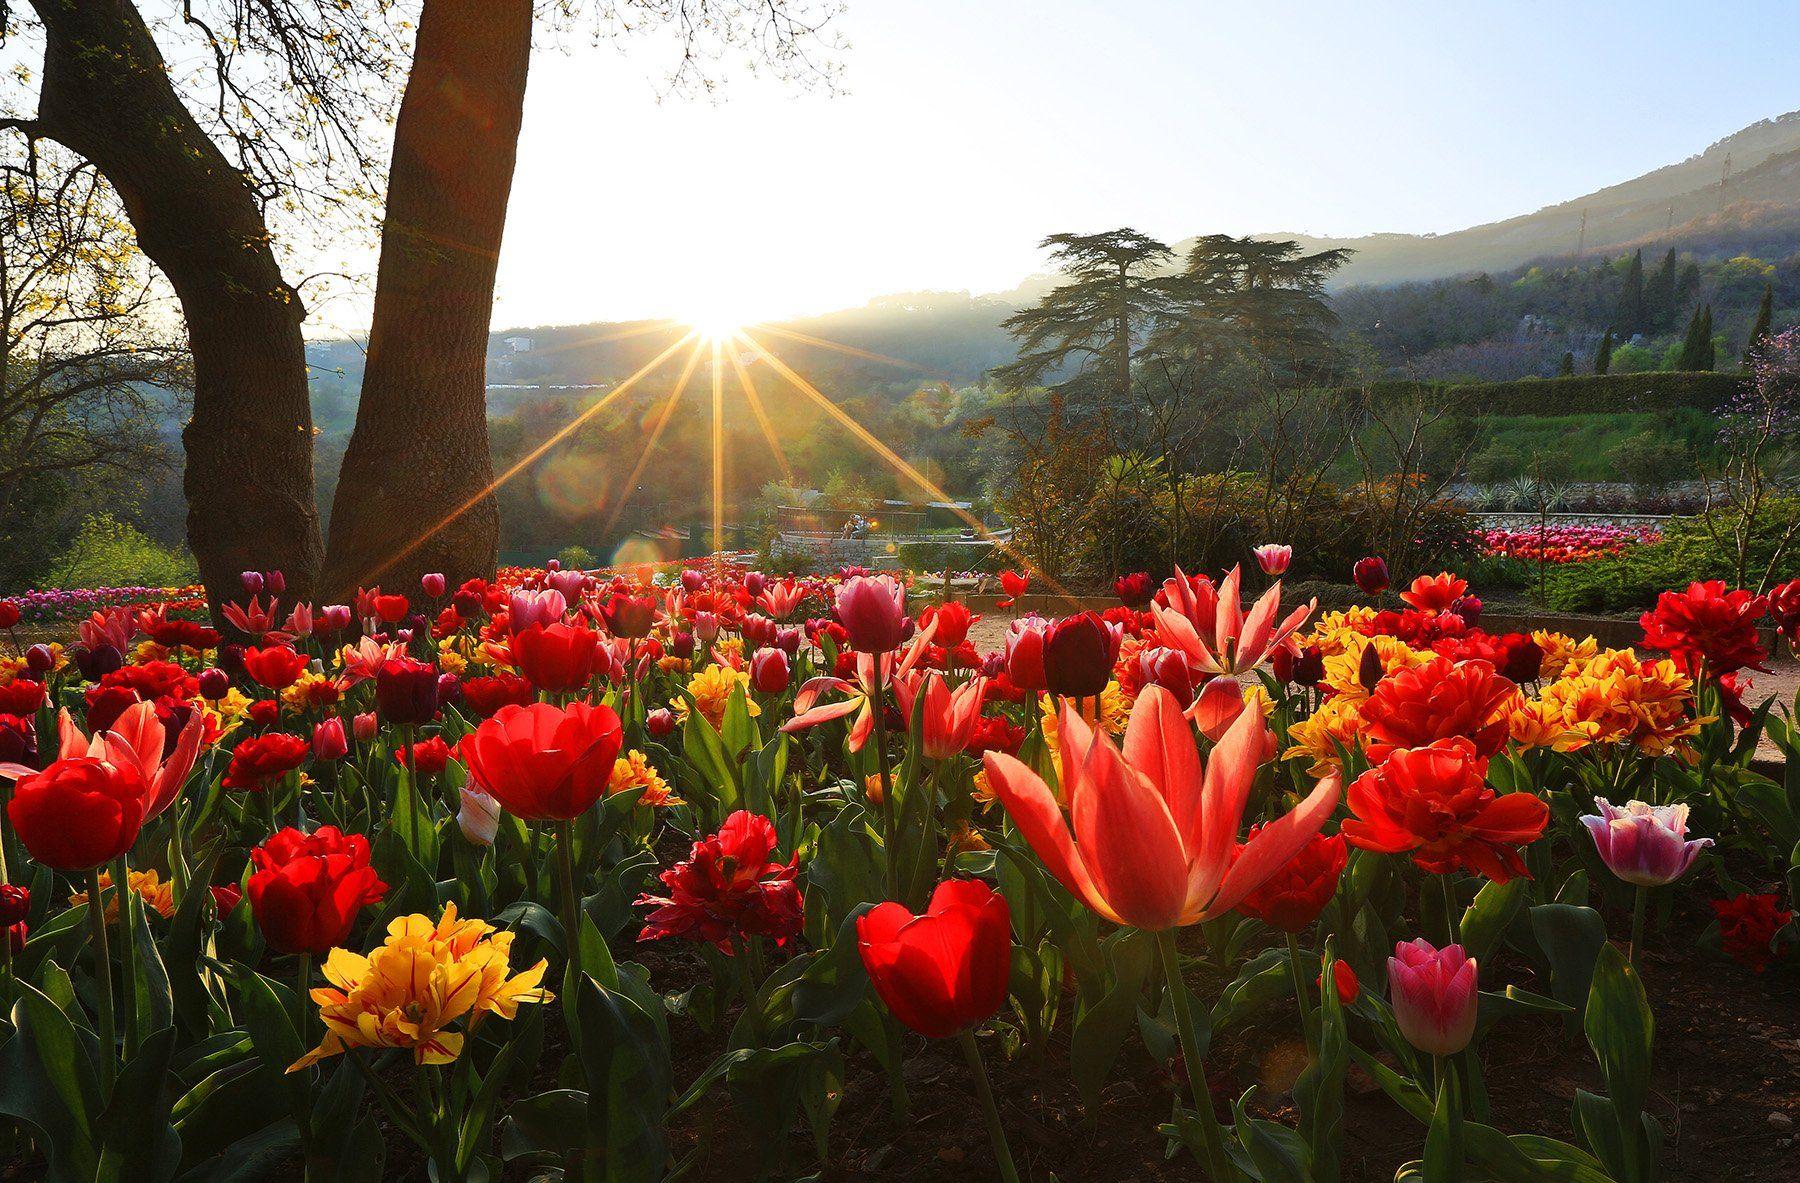 никитский сад, ялта, крым, никитский ботанический сад, ай-петри, выставка тюльпанов, тюльпаны, весна в ялте, Titov Serge